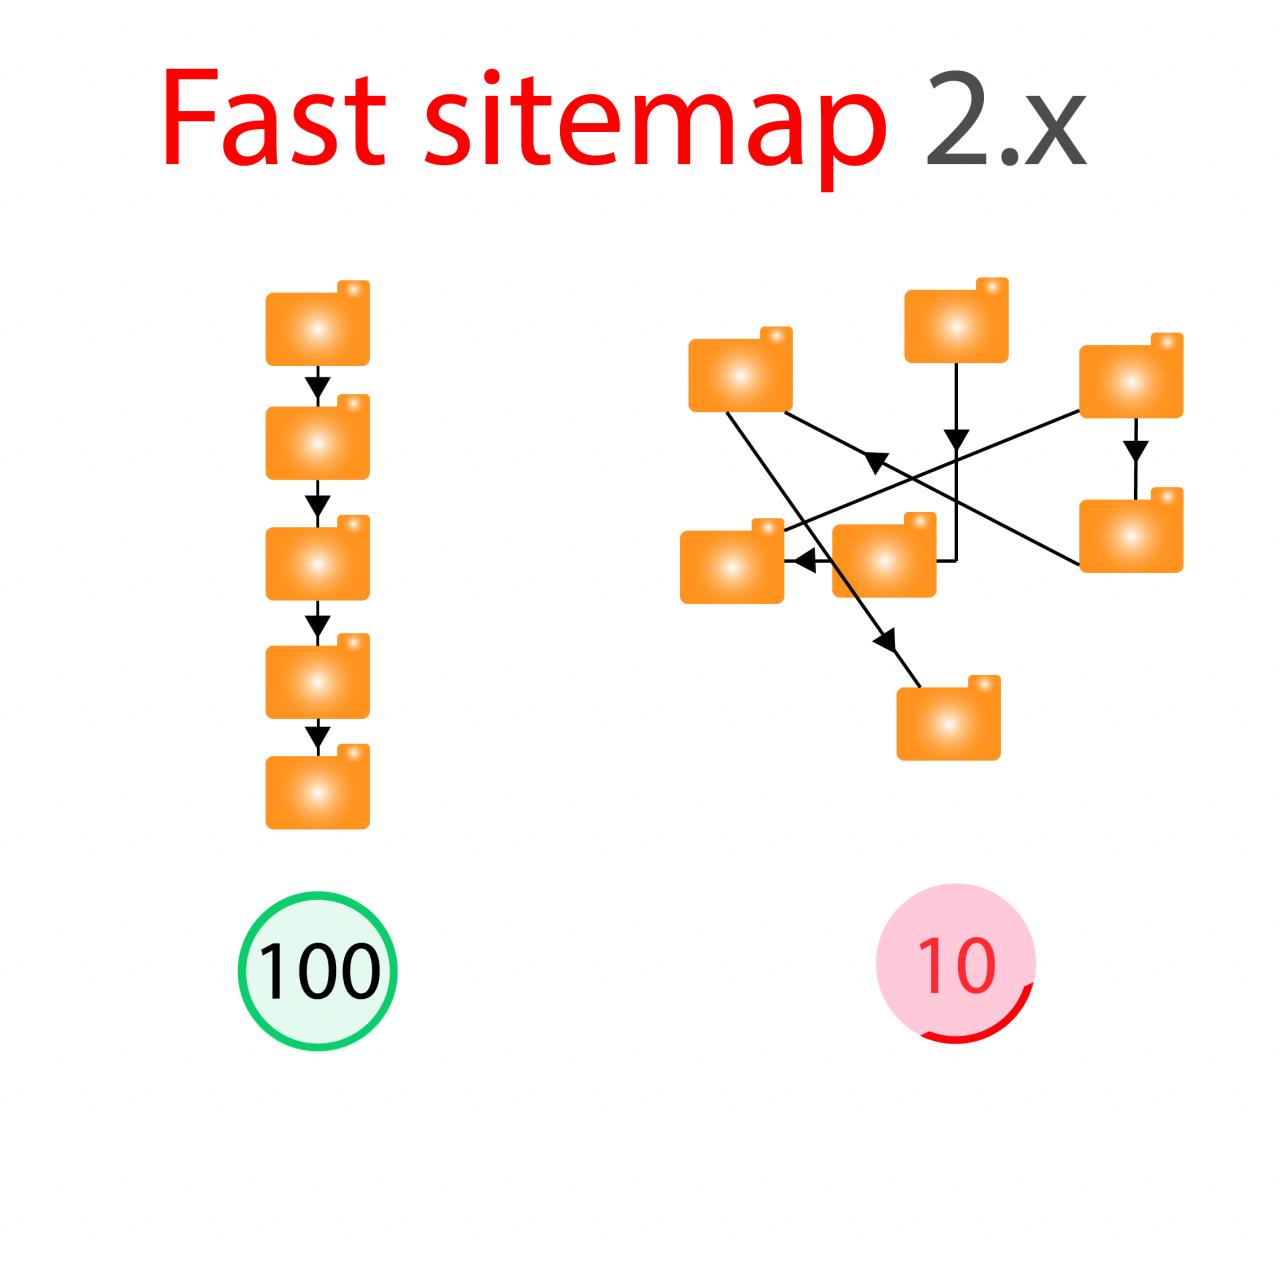 Быстрая карта сайта. Fast sitemap Opencart 2.x из категории SEO для CMS OpenCart (ОпенКарт)